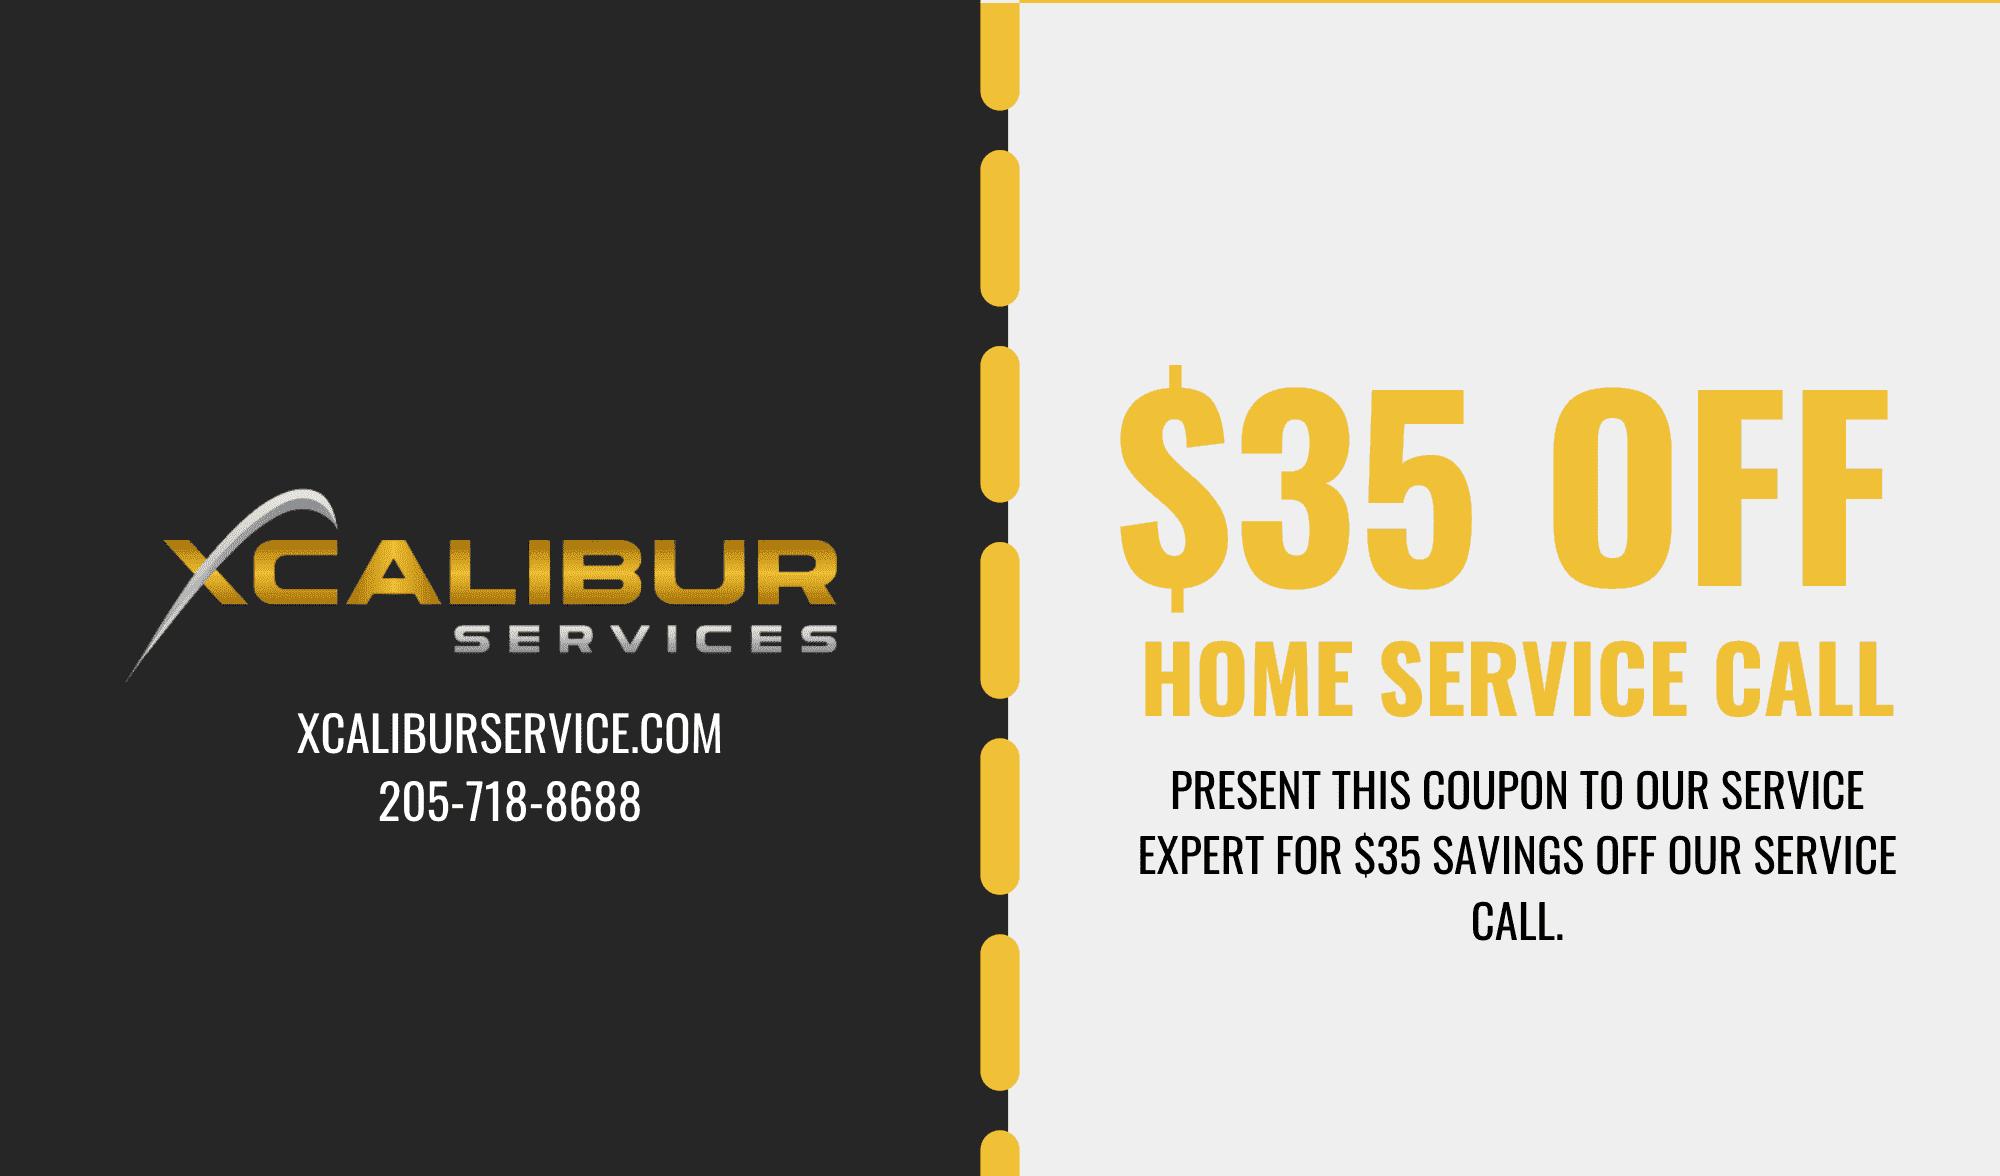 xcalibur_coupon8